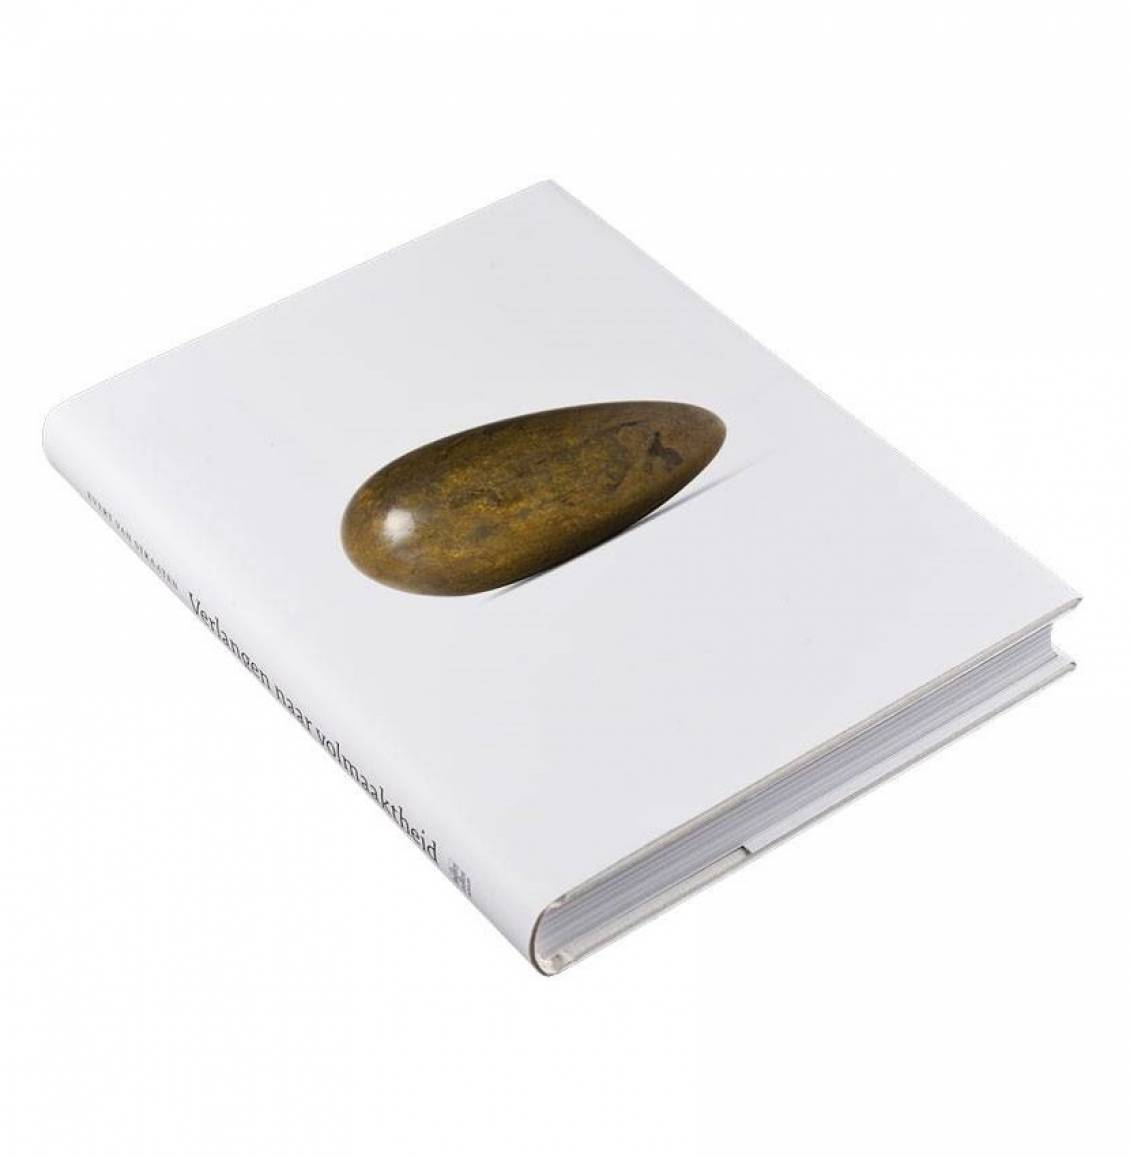 Evert van Straaten, Verlangen naar volmaaktheid, 2012